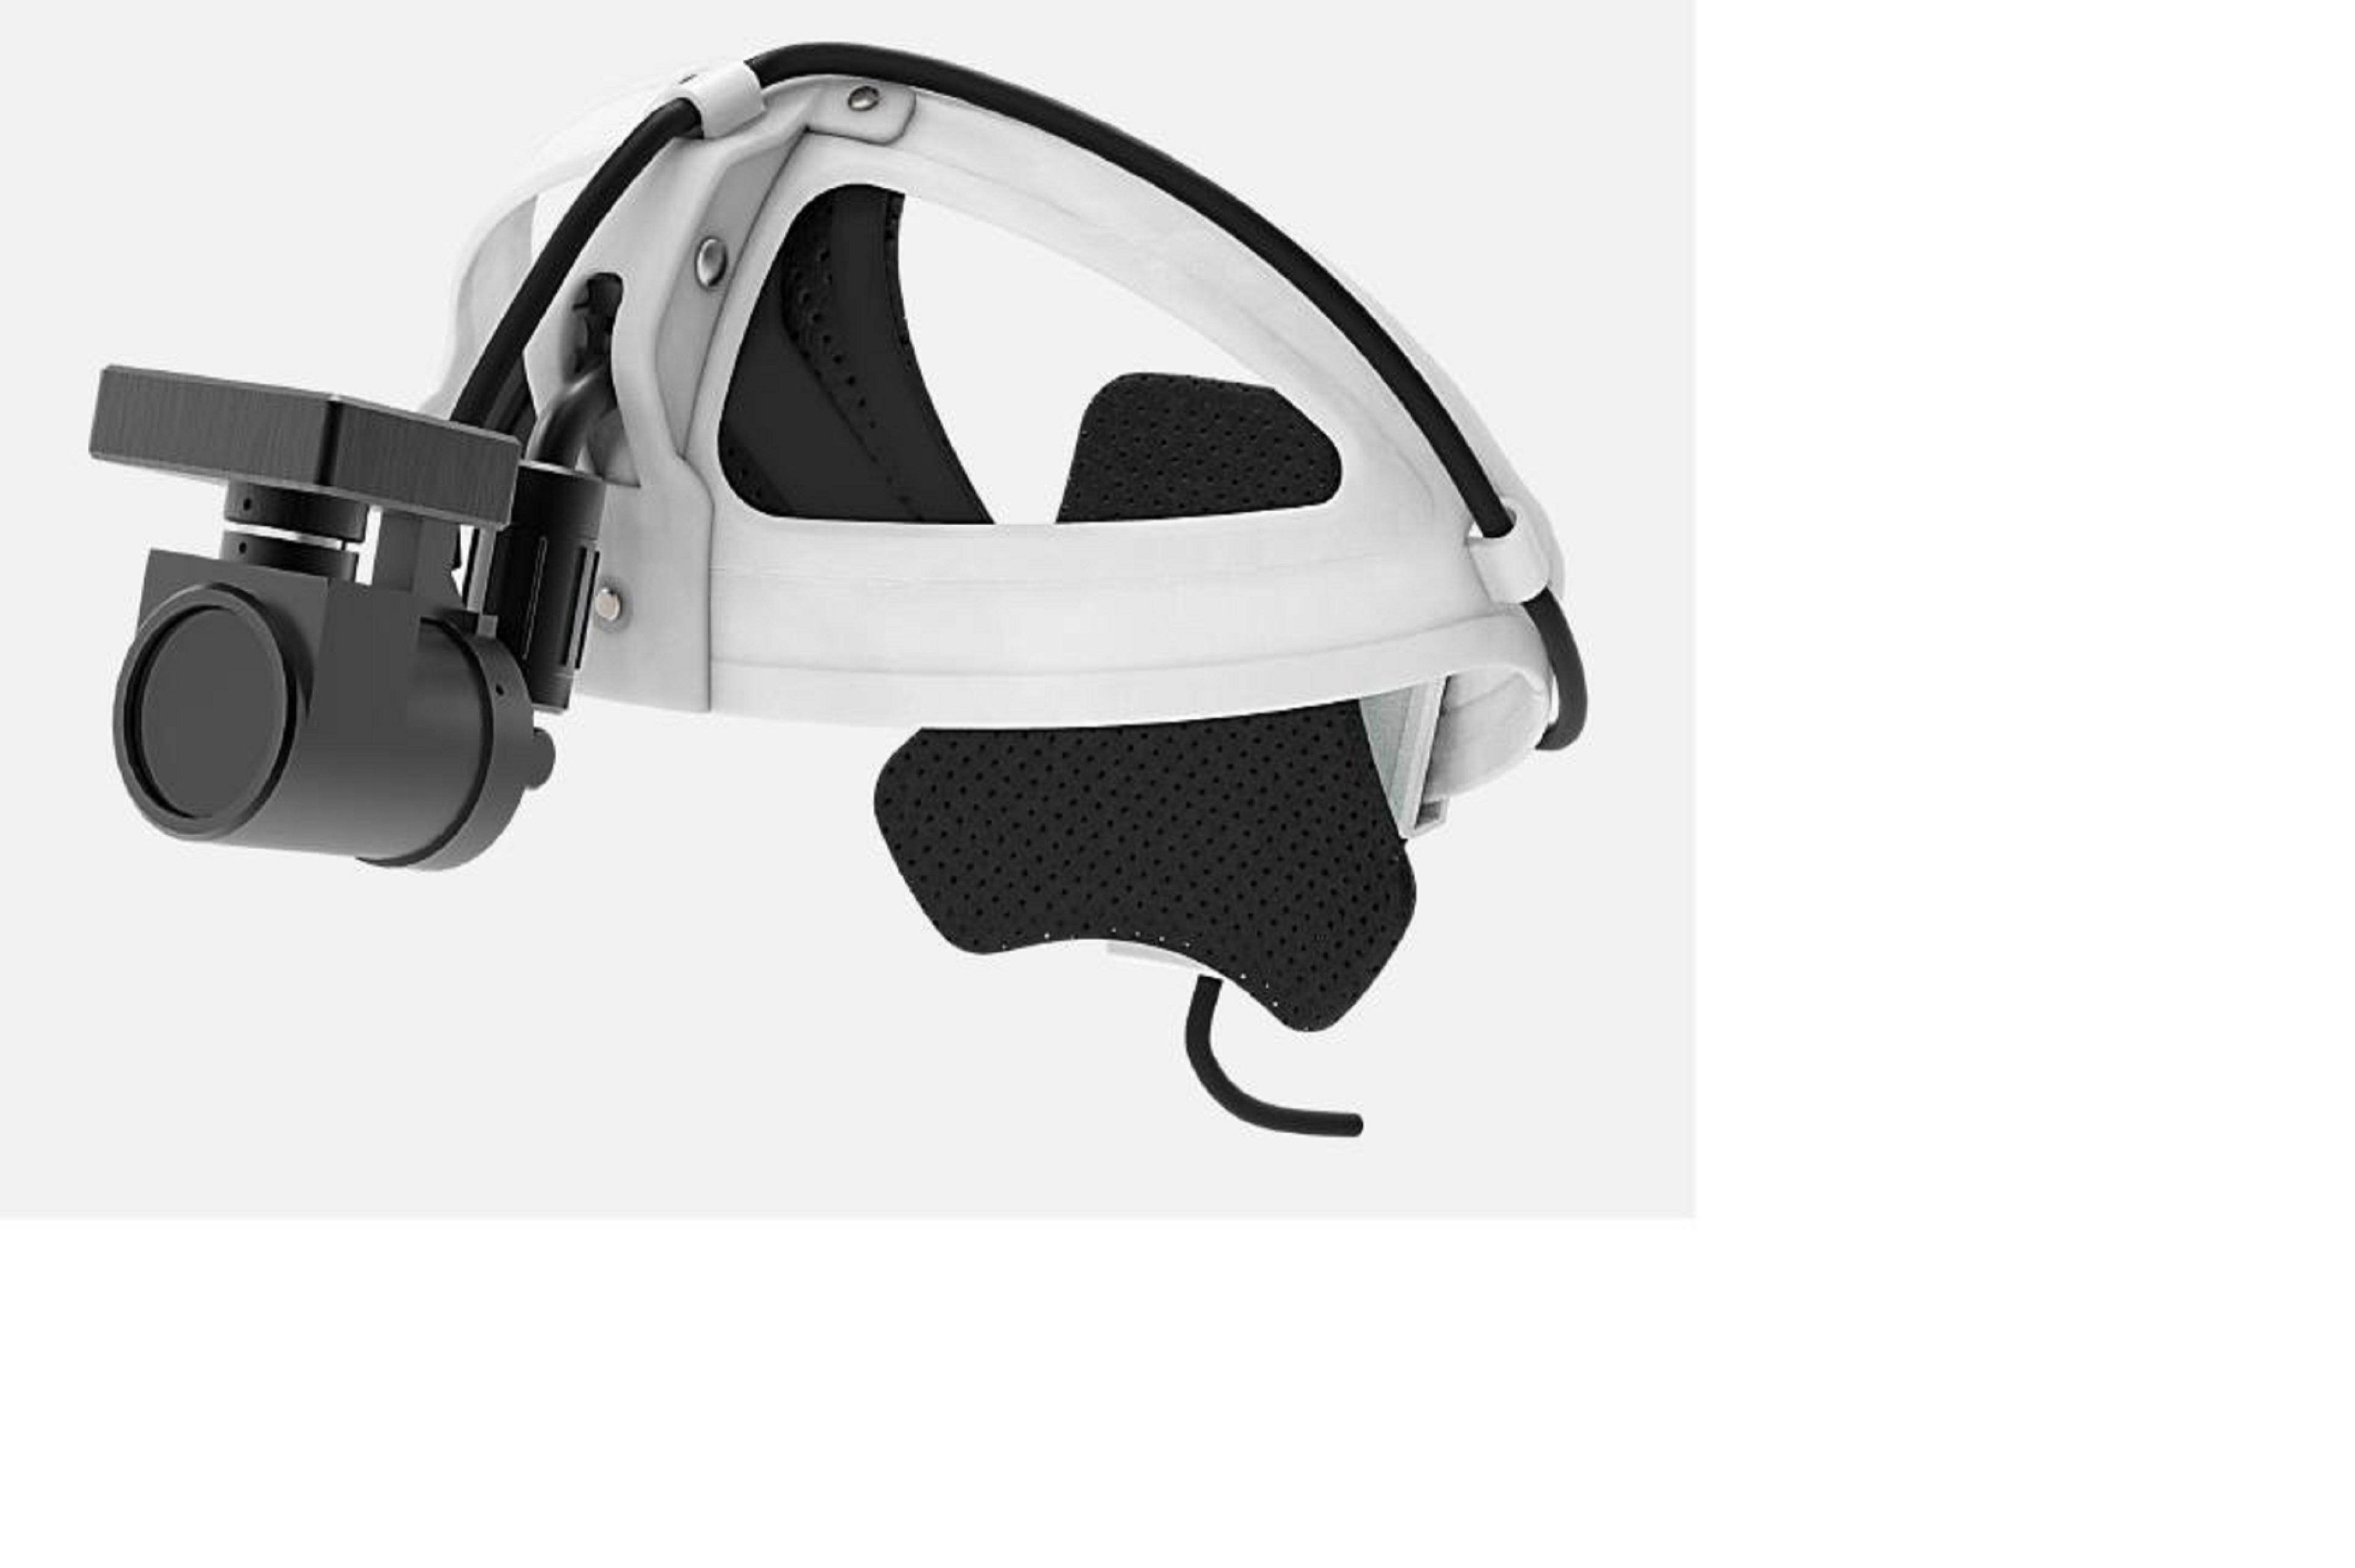 頭盔產品1